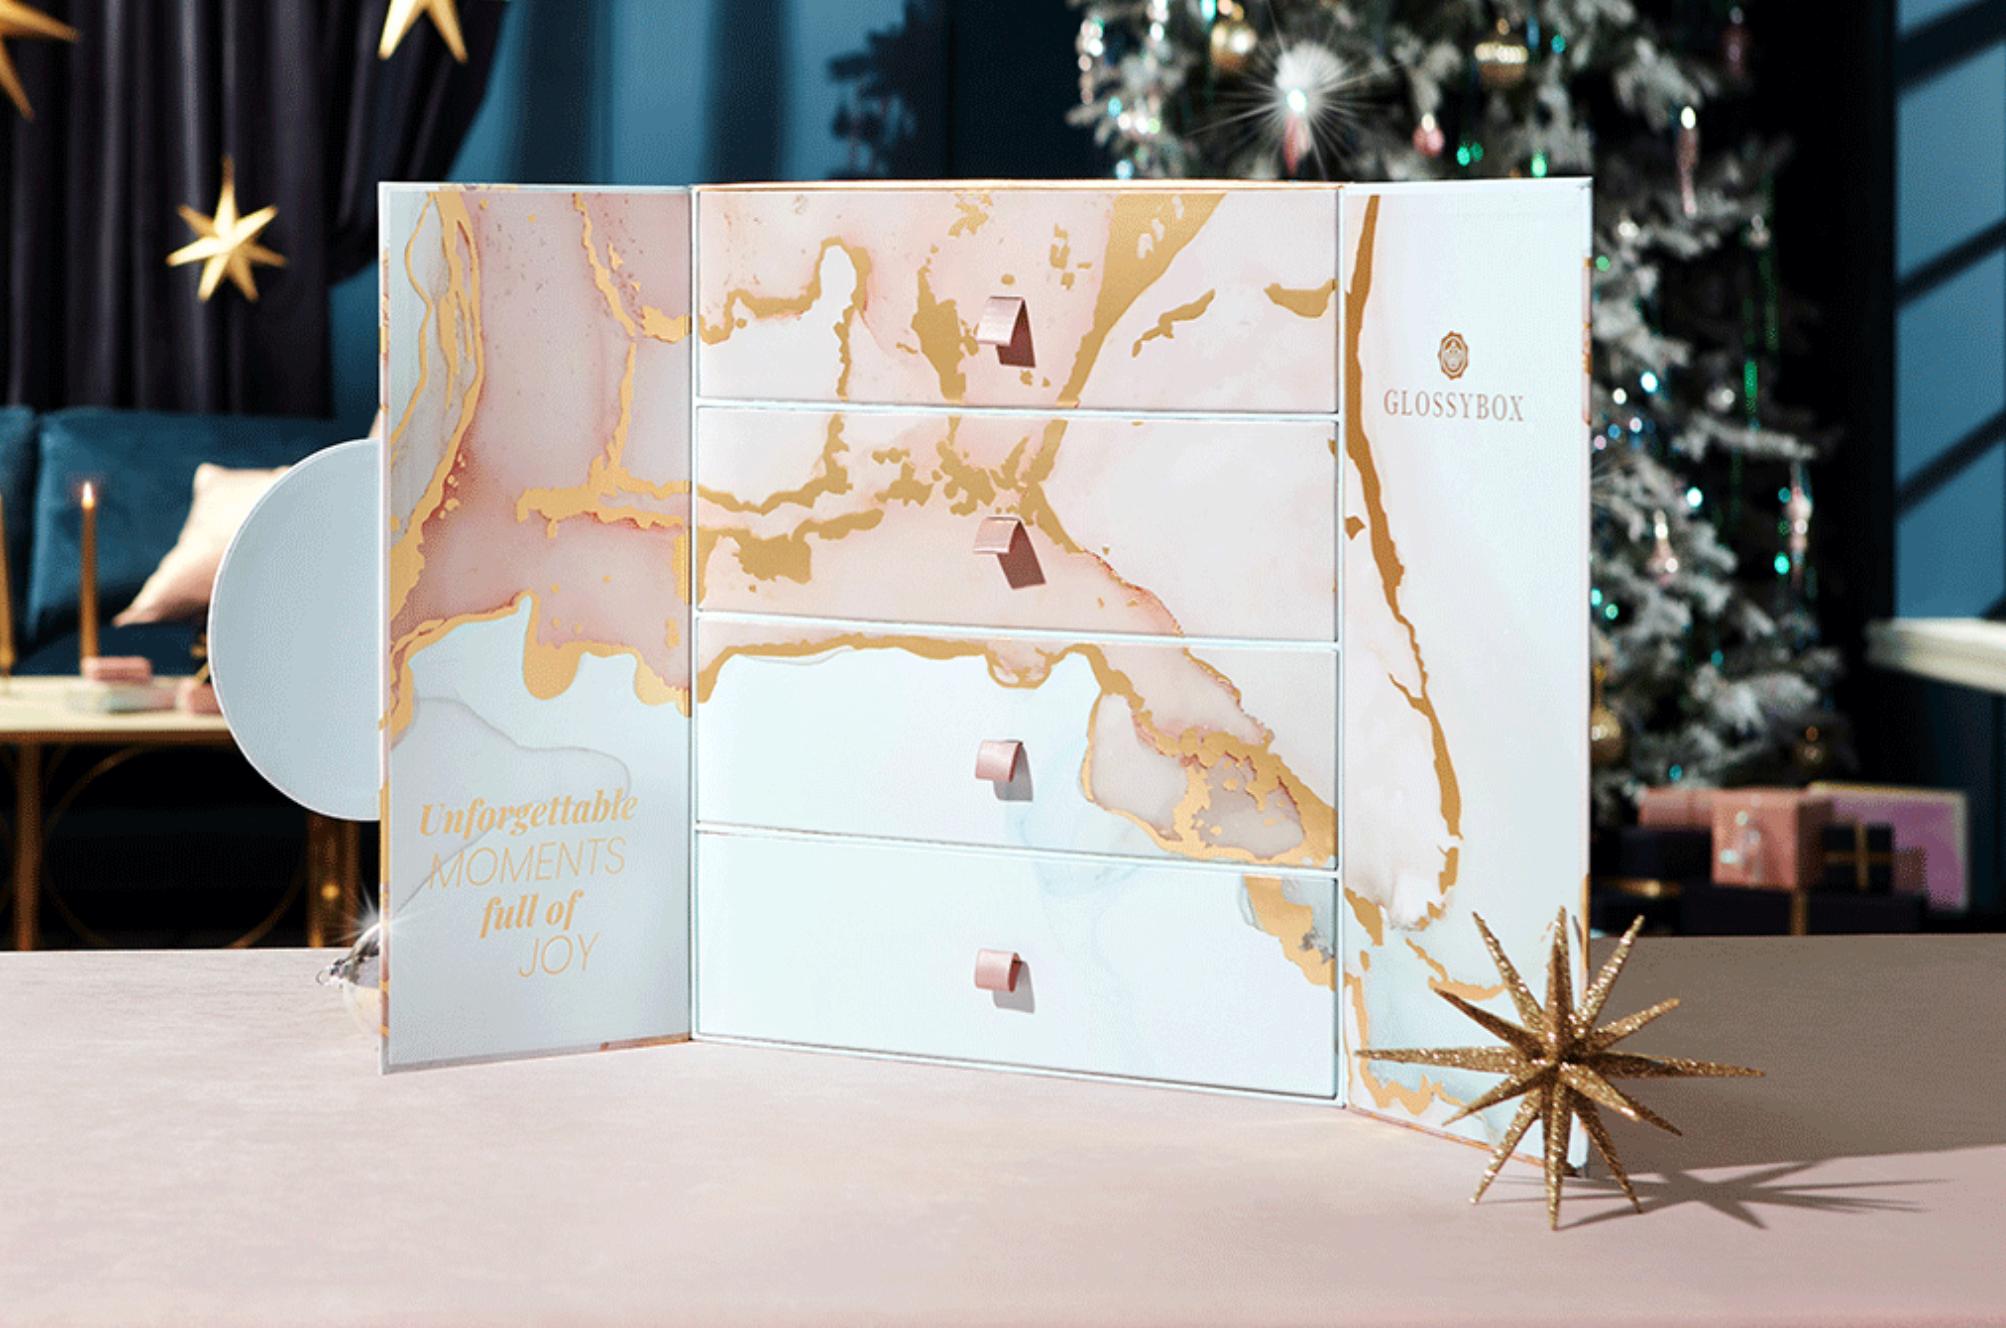 Glossybox beauty advent calendar 2021 inside